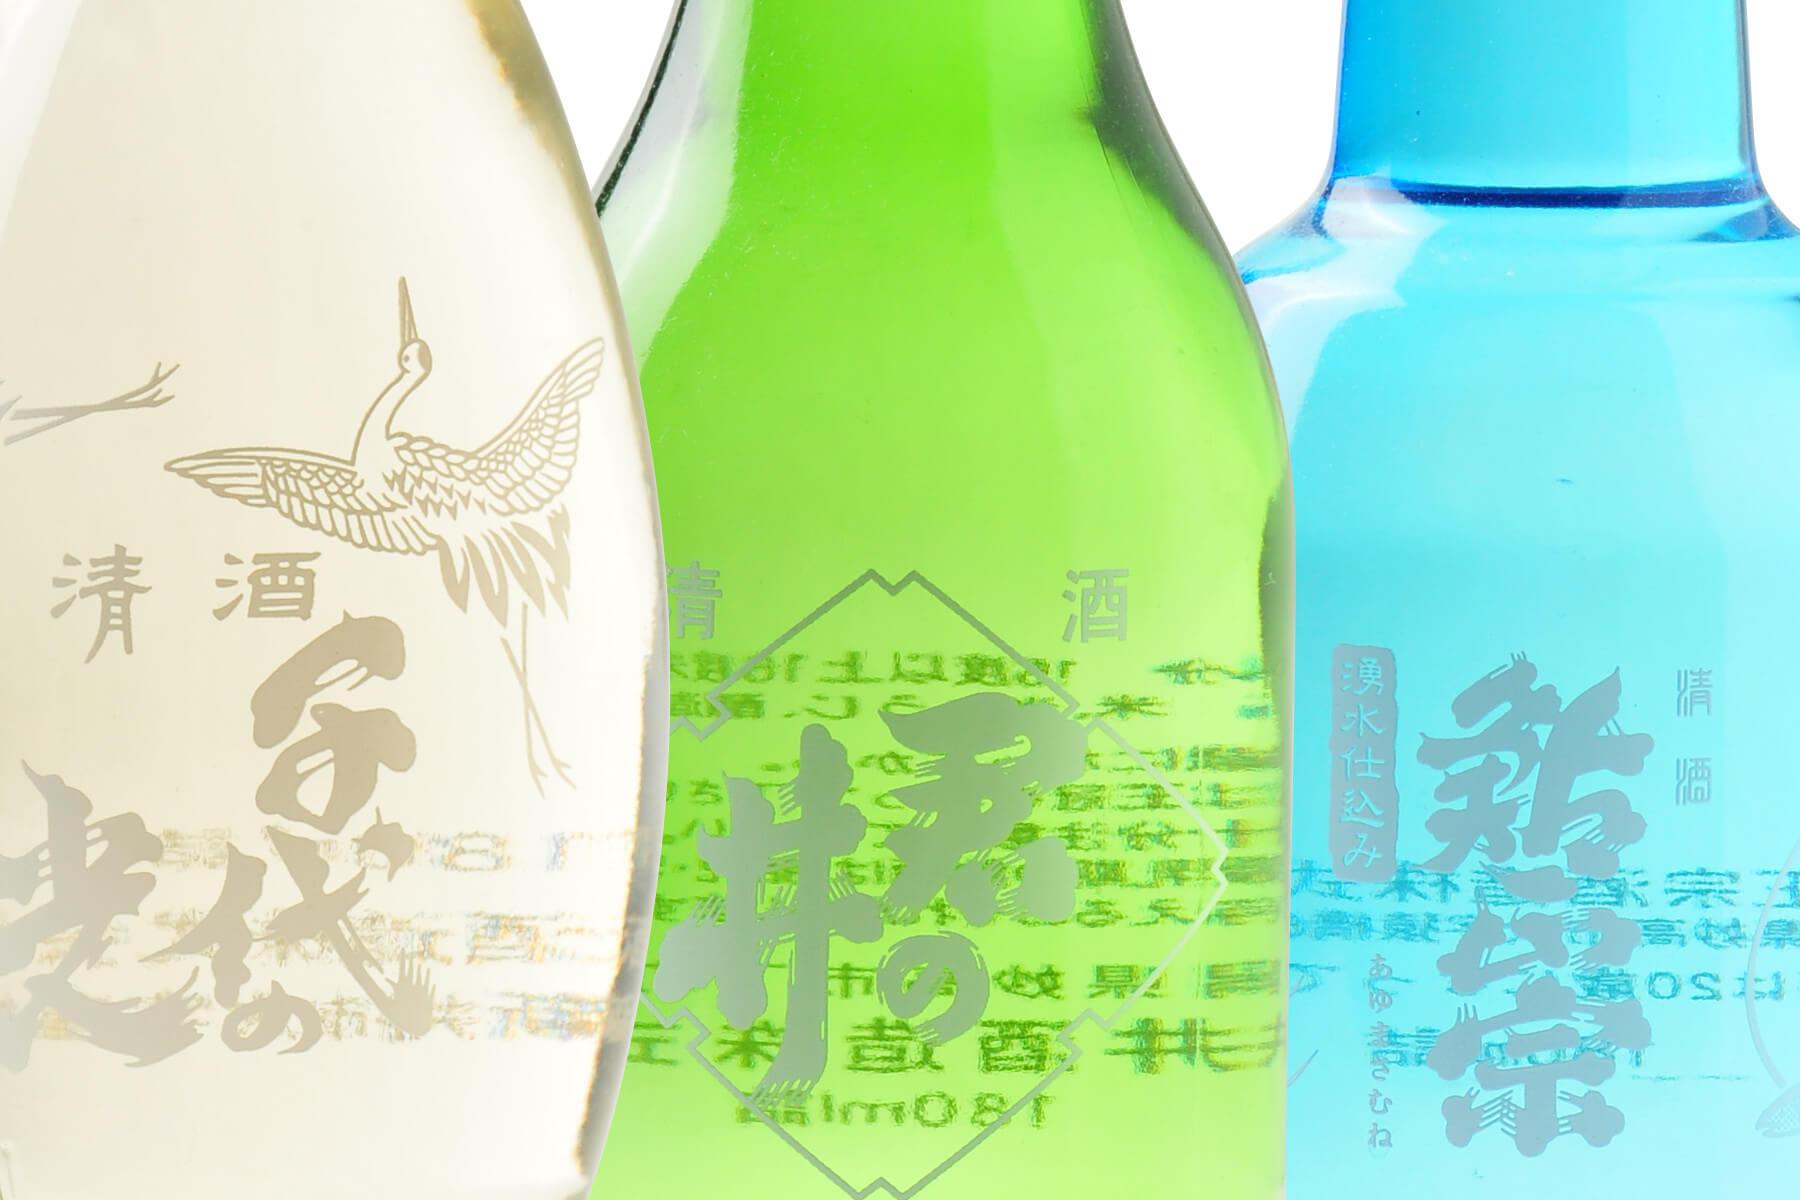 妙高山麓 三酒造のうまい酒